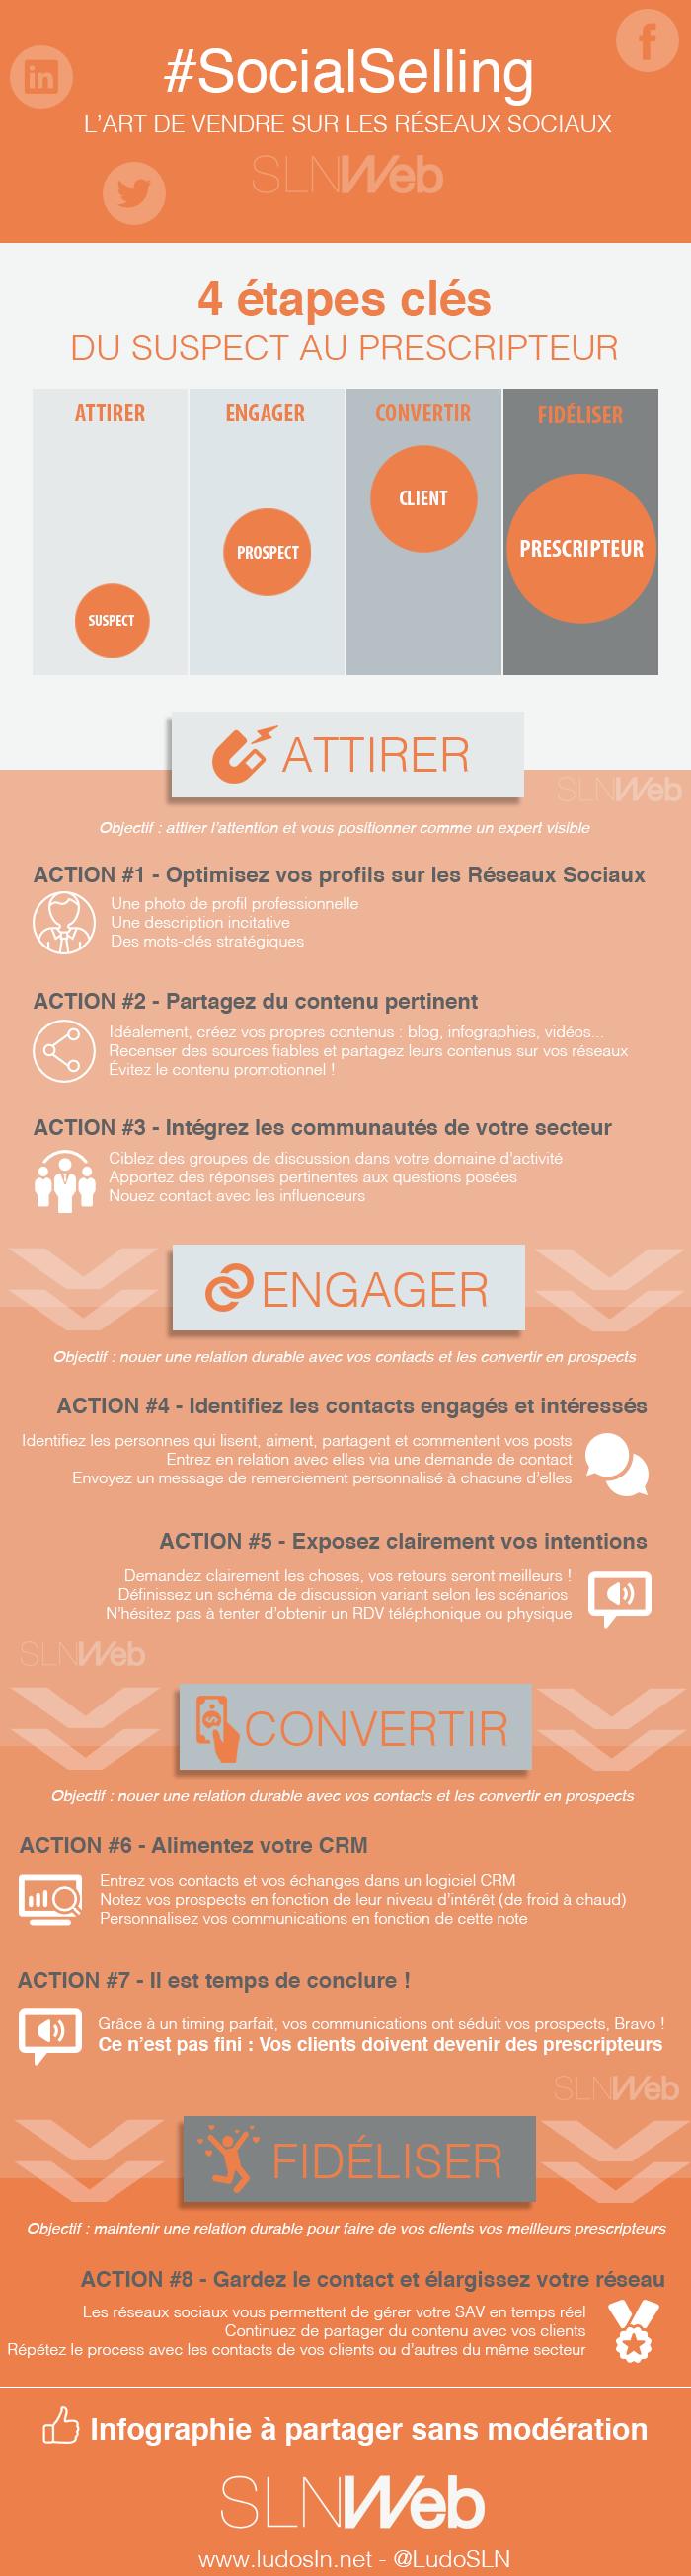 Infographie-Social-Selling-Comment-vendred-sur-les-reseaux-sociaux-en-4-etapes